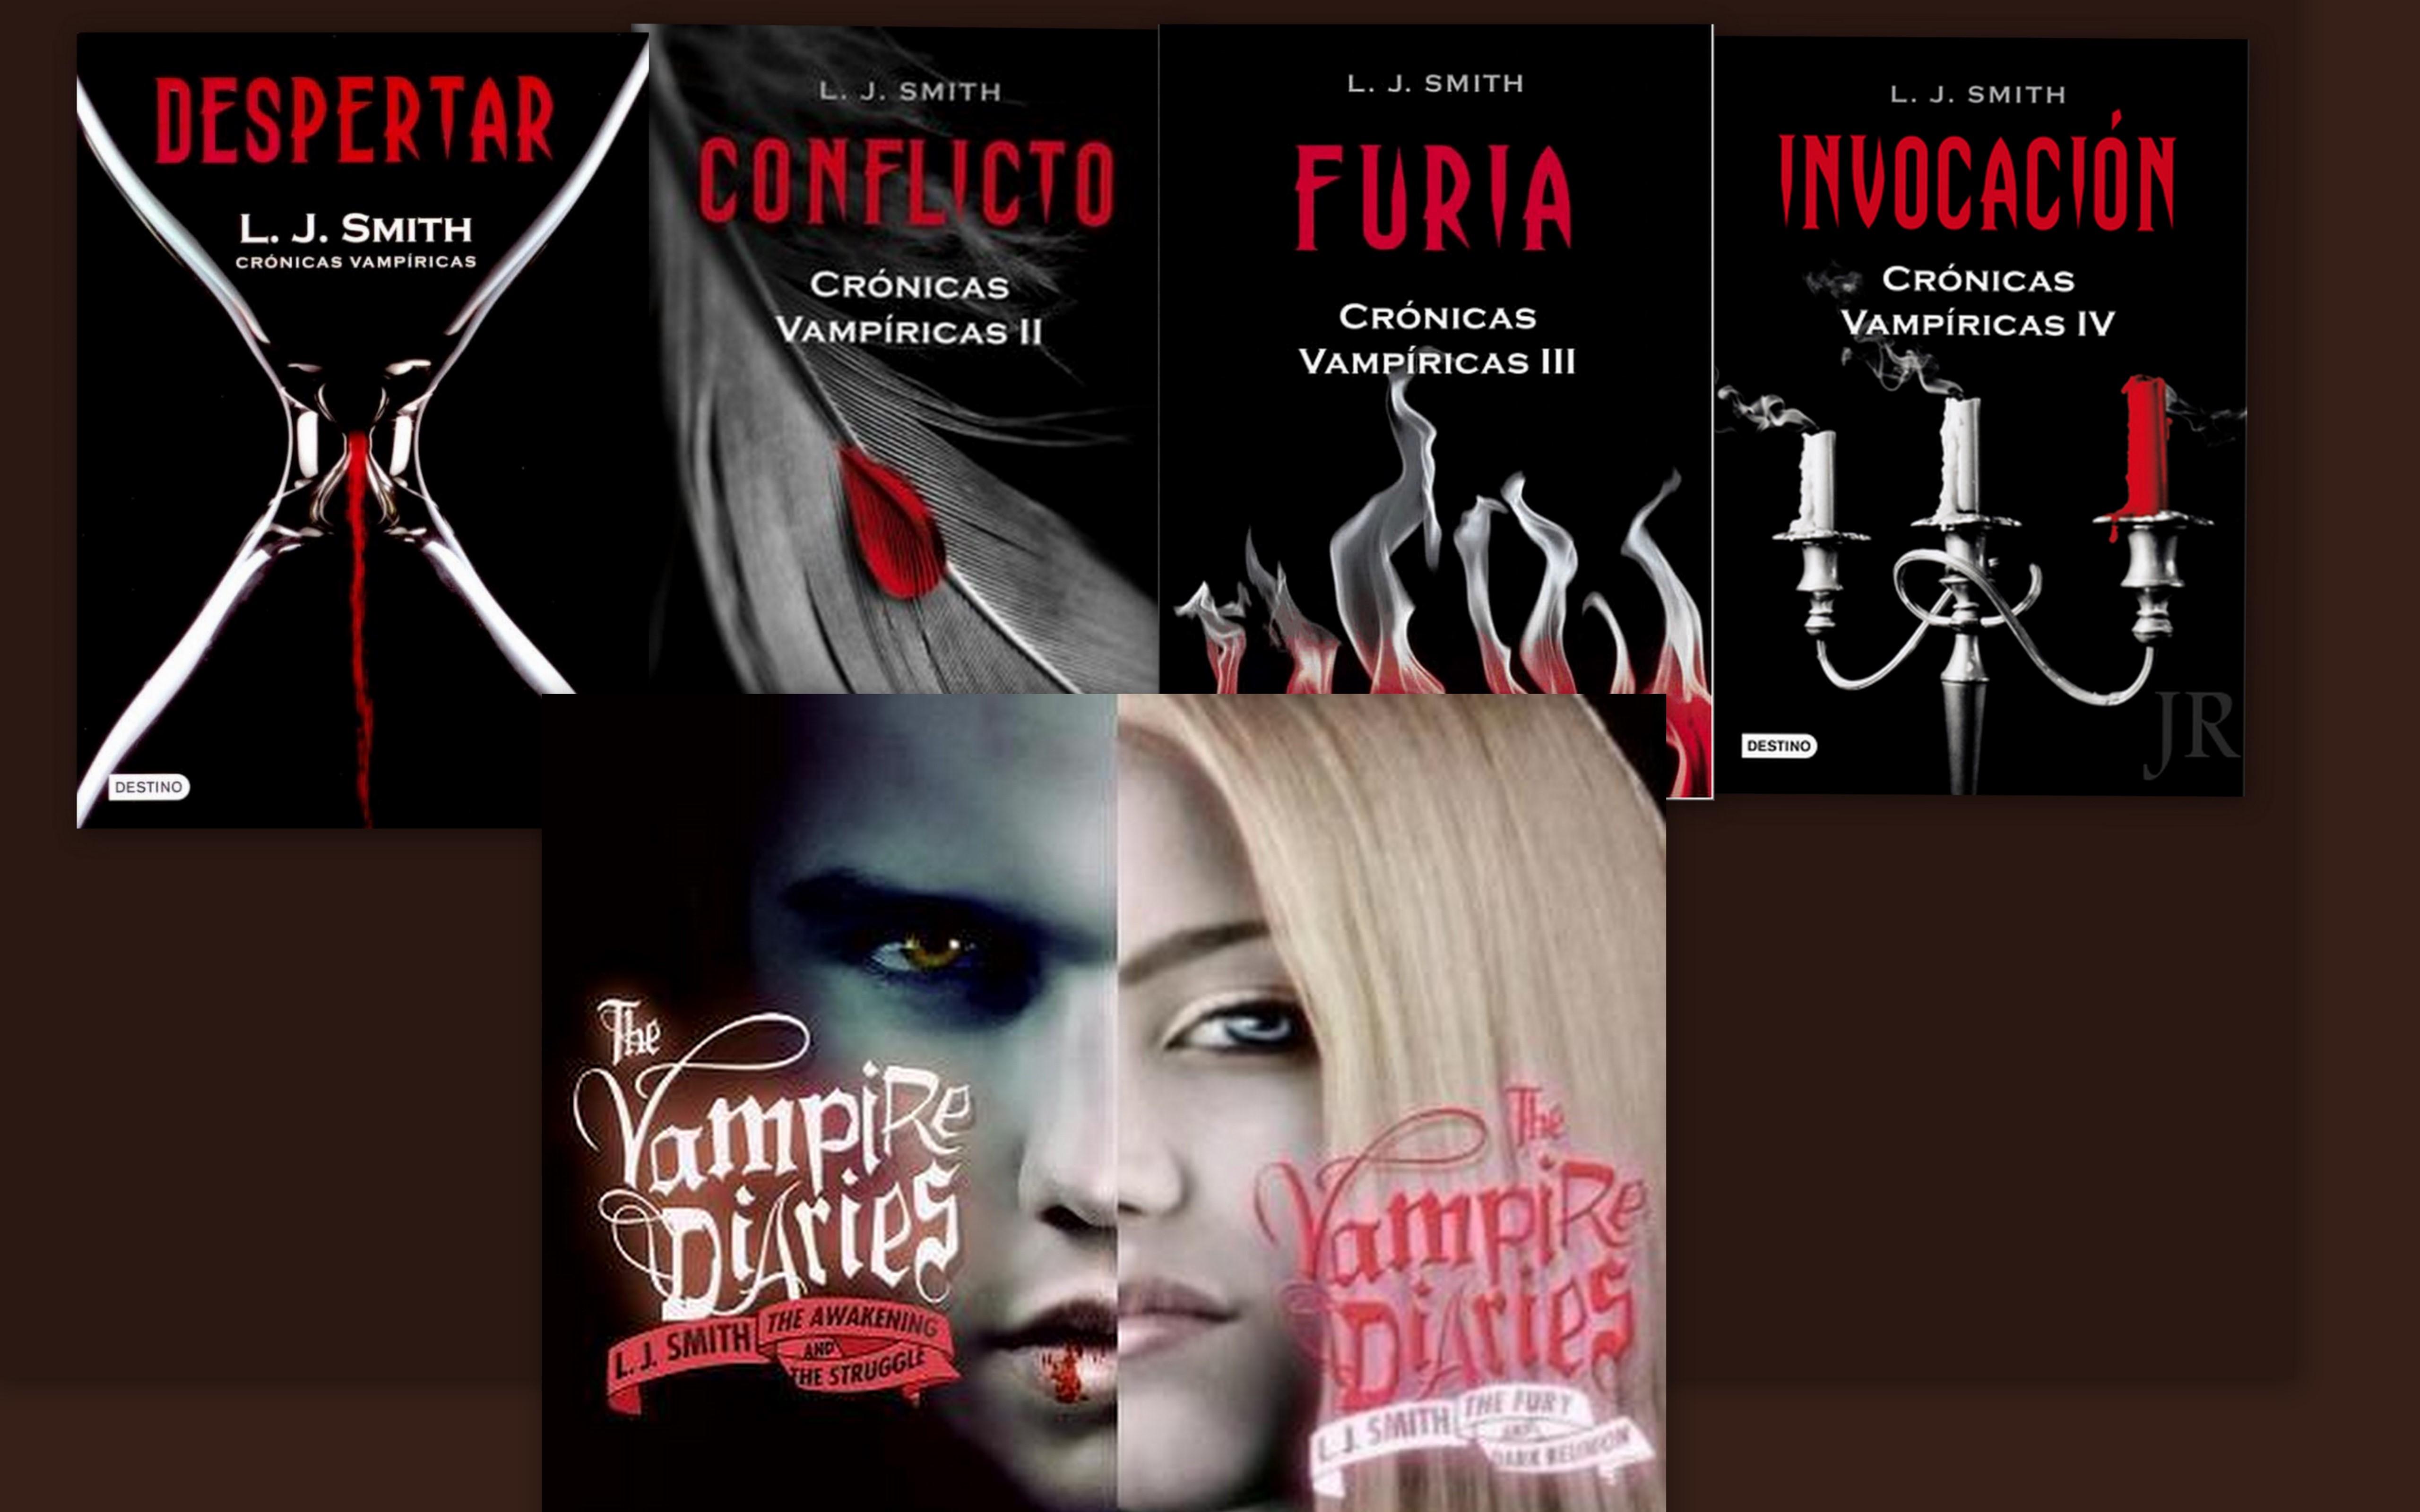 Portadas españolas y americanas de The Vampire Diaries